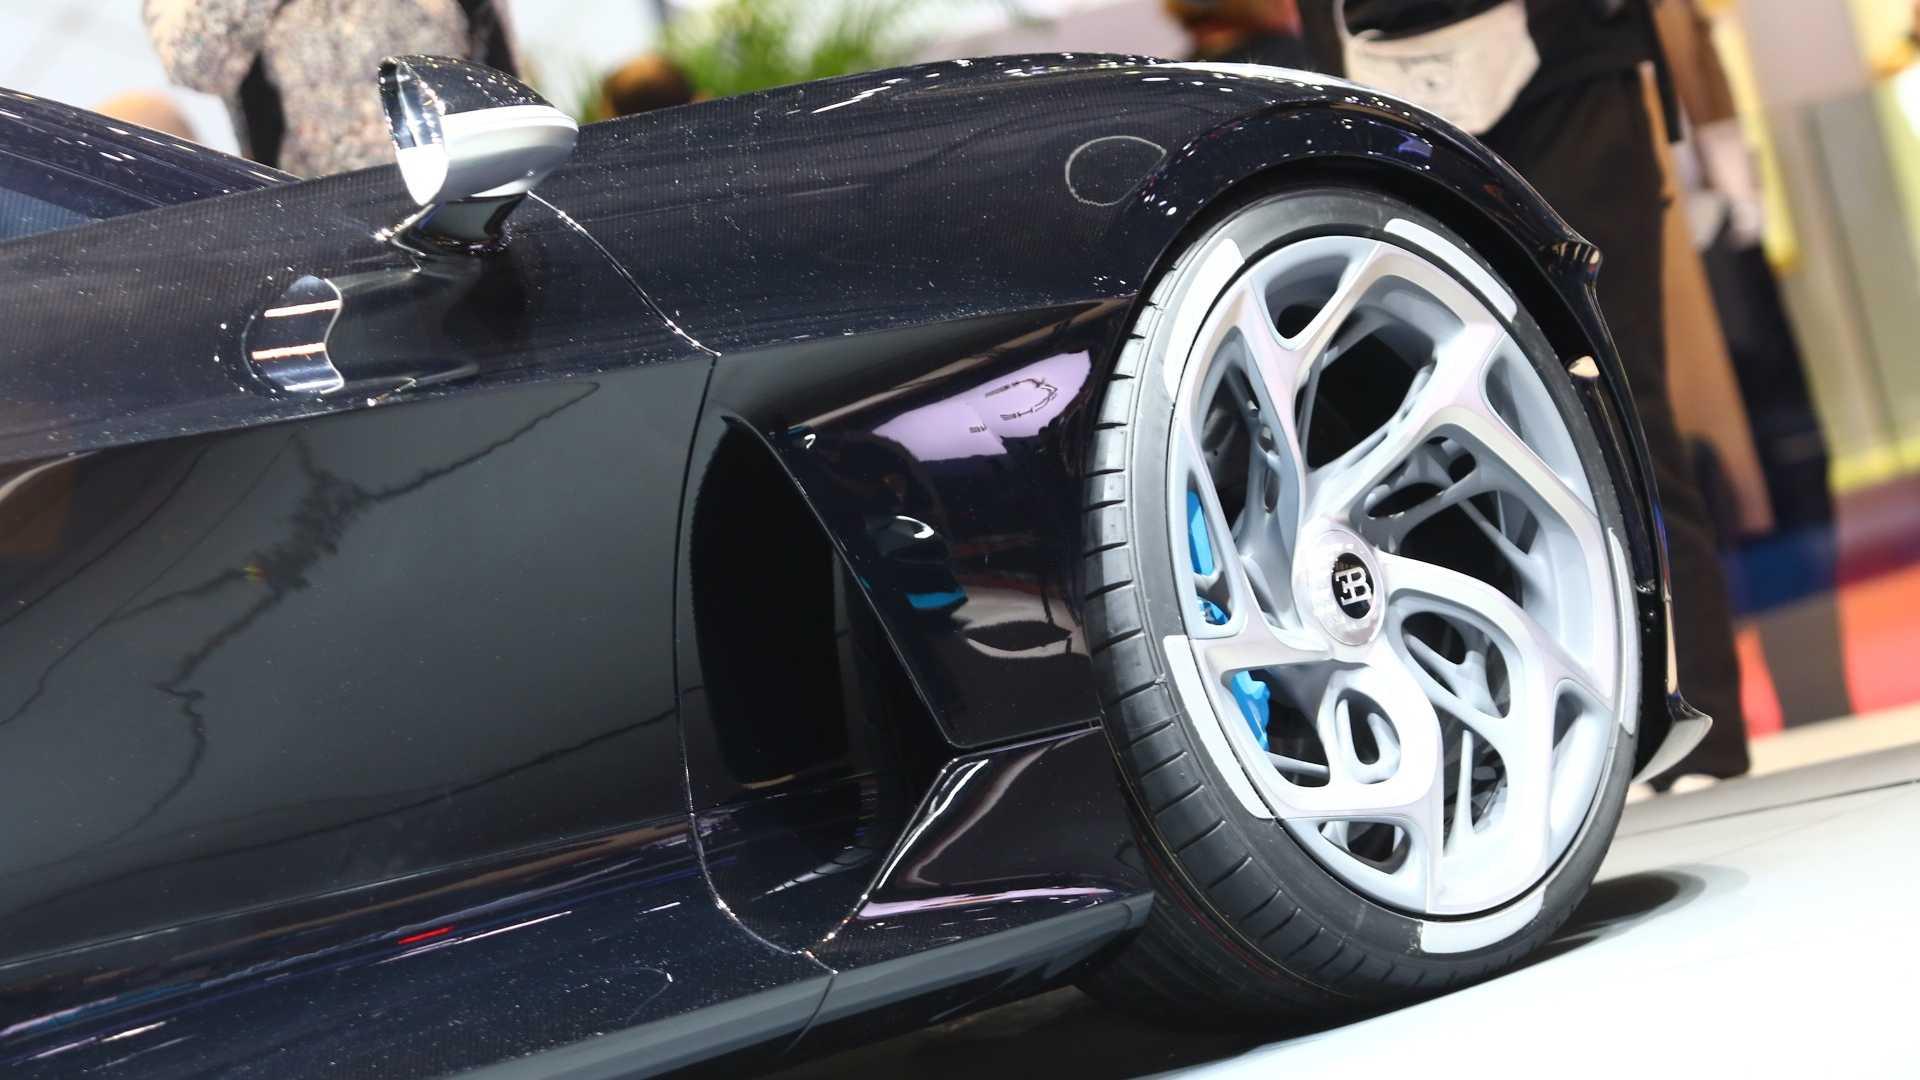 گرانترین خودروی حاضر جهان/ بوگاتی La Voiture Noire